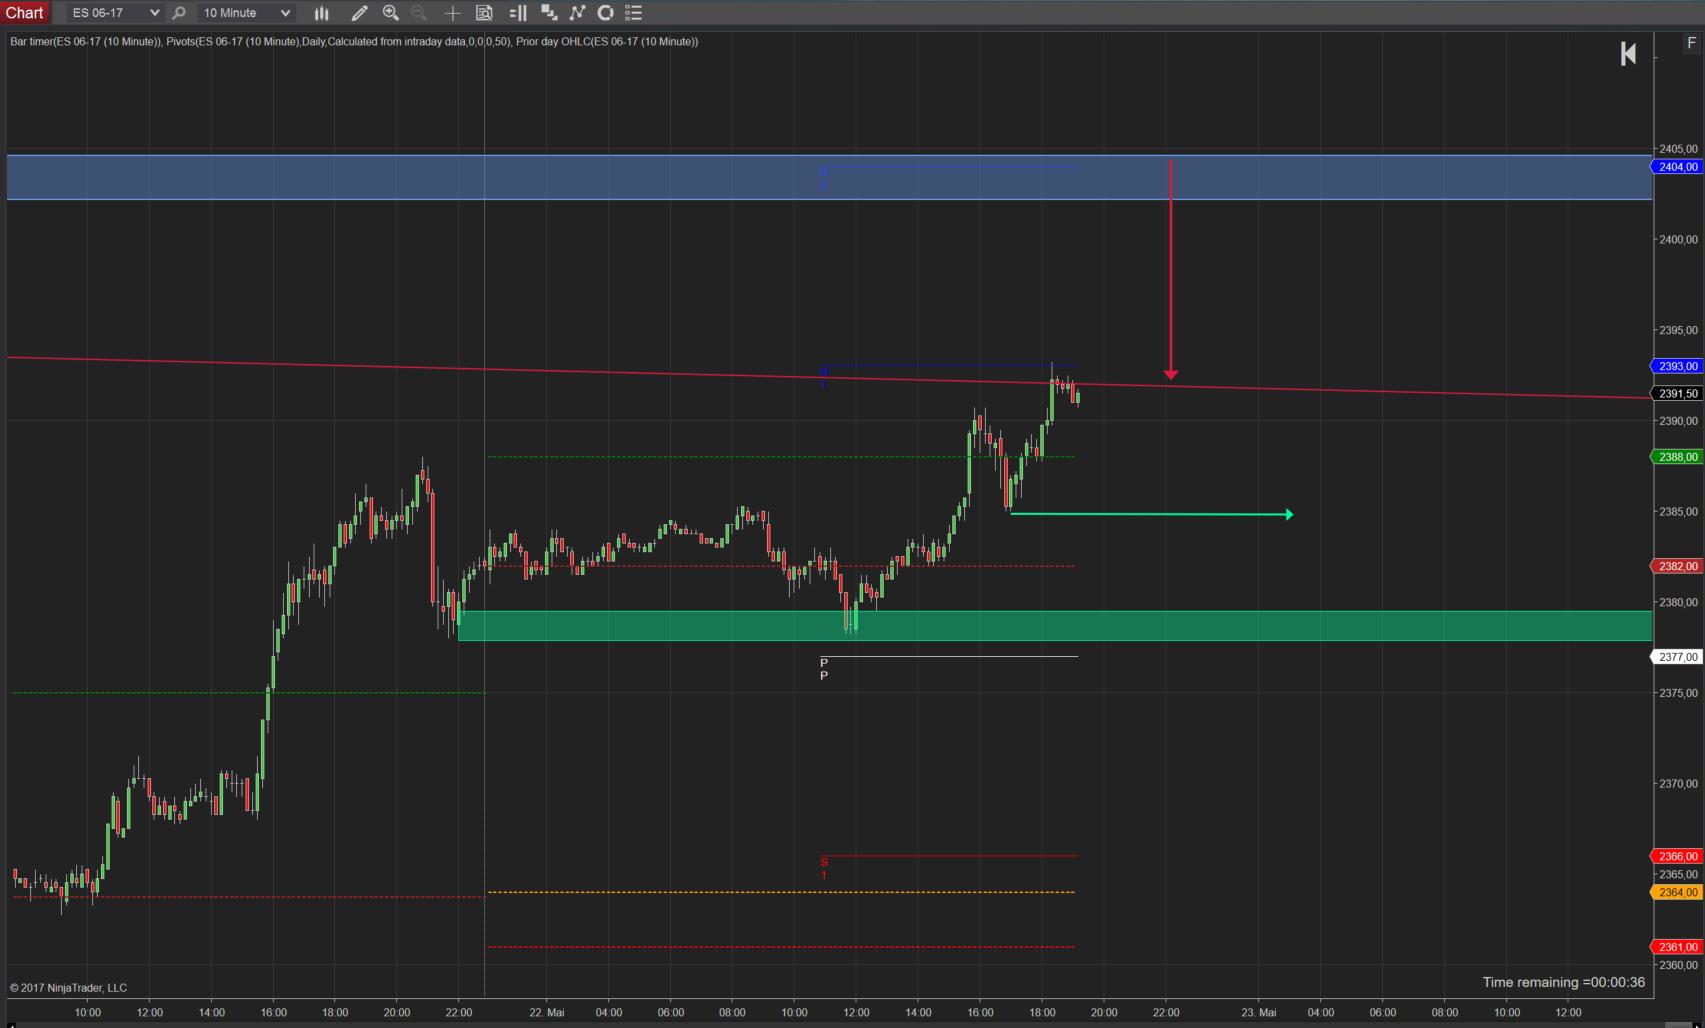 SPX500 mit neuem Anlauf zum Allzeithoch? 10 Minuten Chart